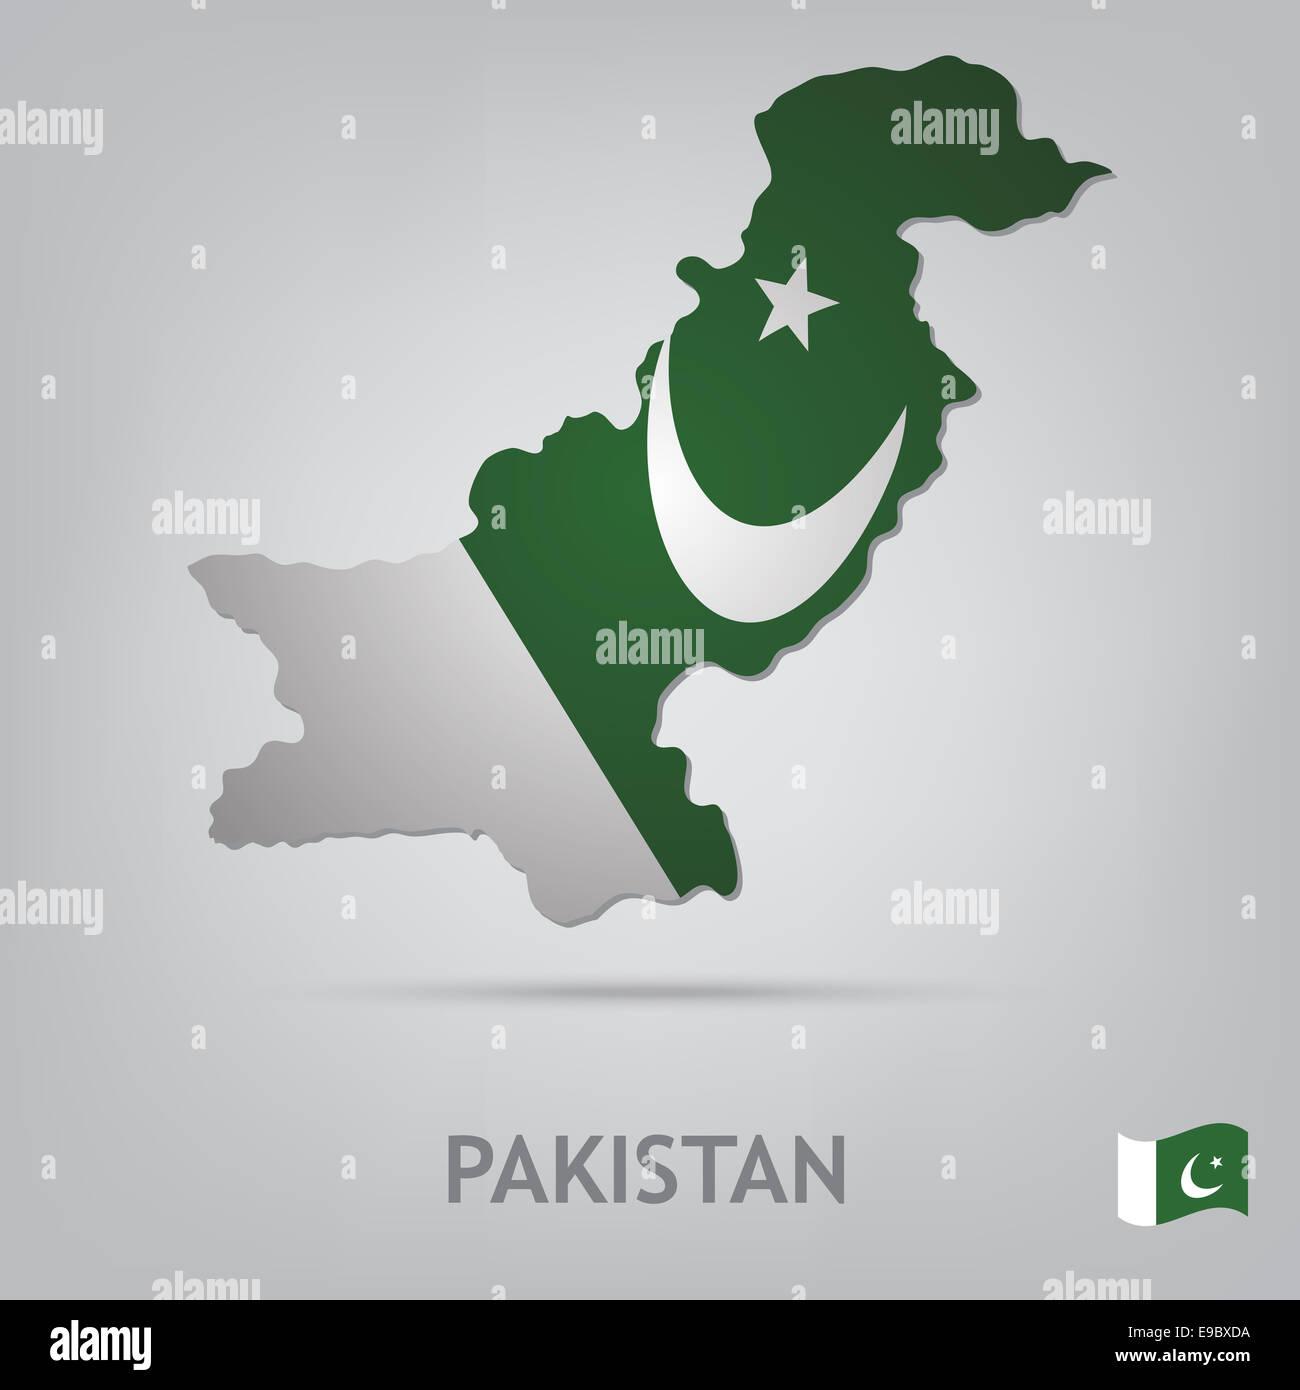 pakistan - Stock Image